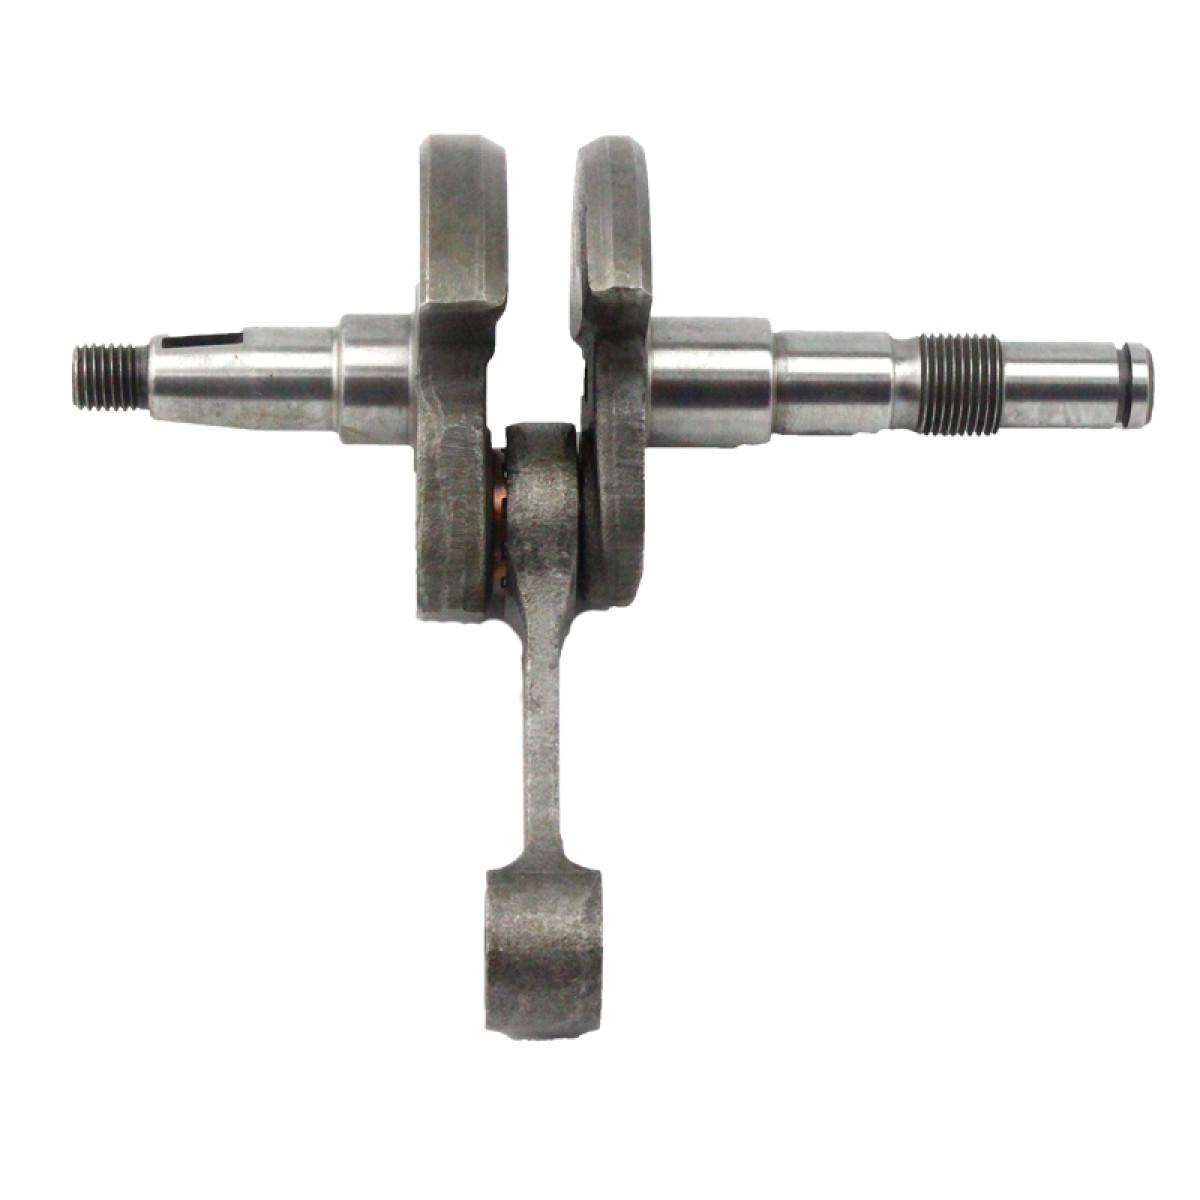 Kliková hřídel Stihl MS240 MS260 024 026 (1121 030 0405)